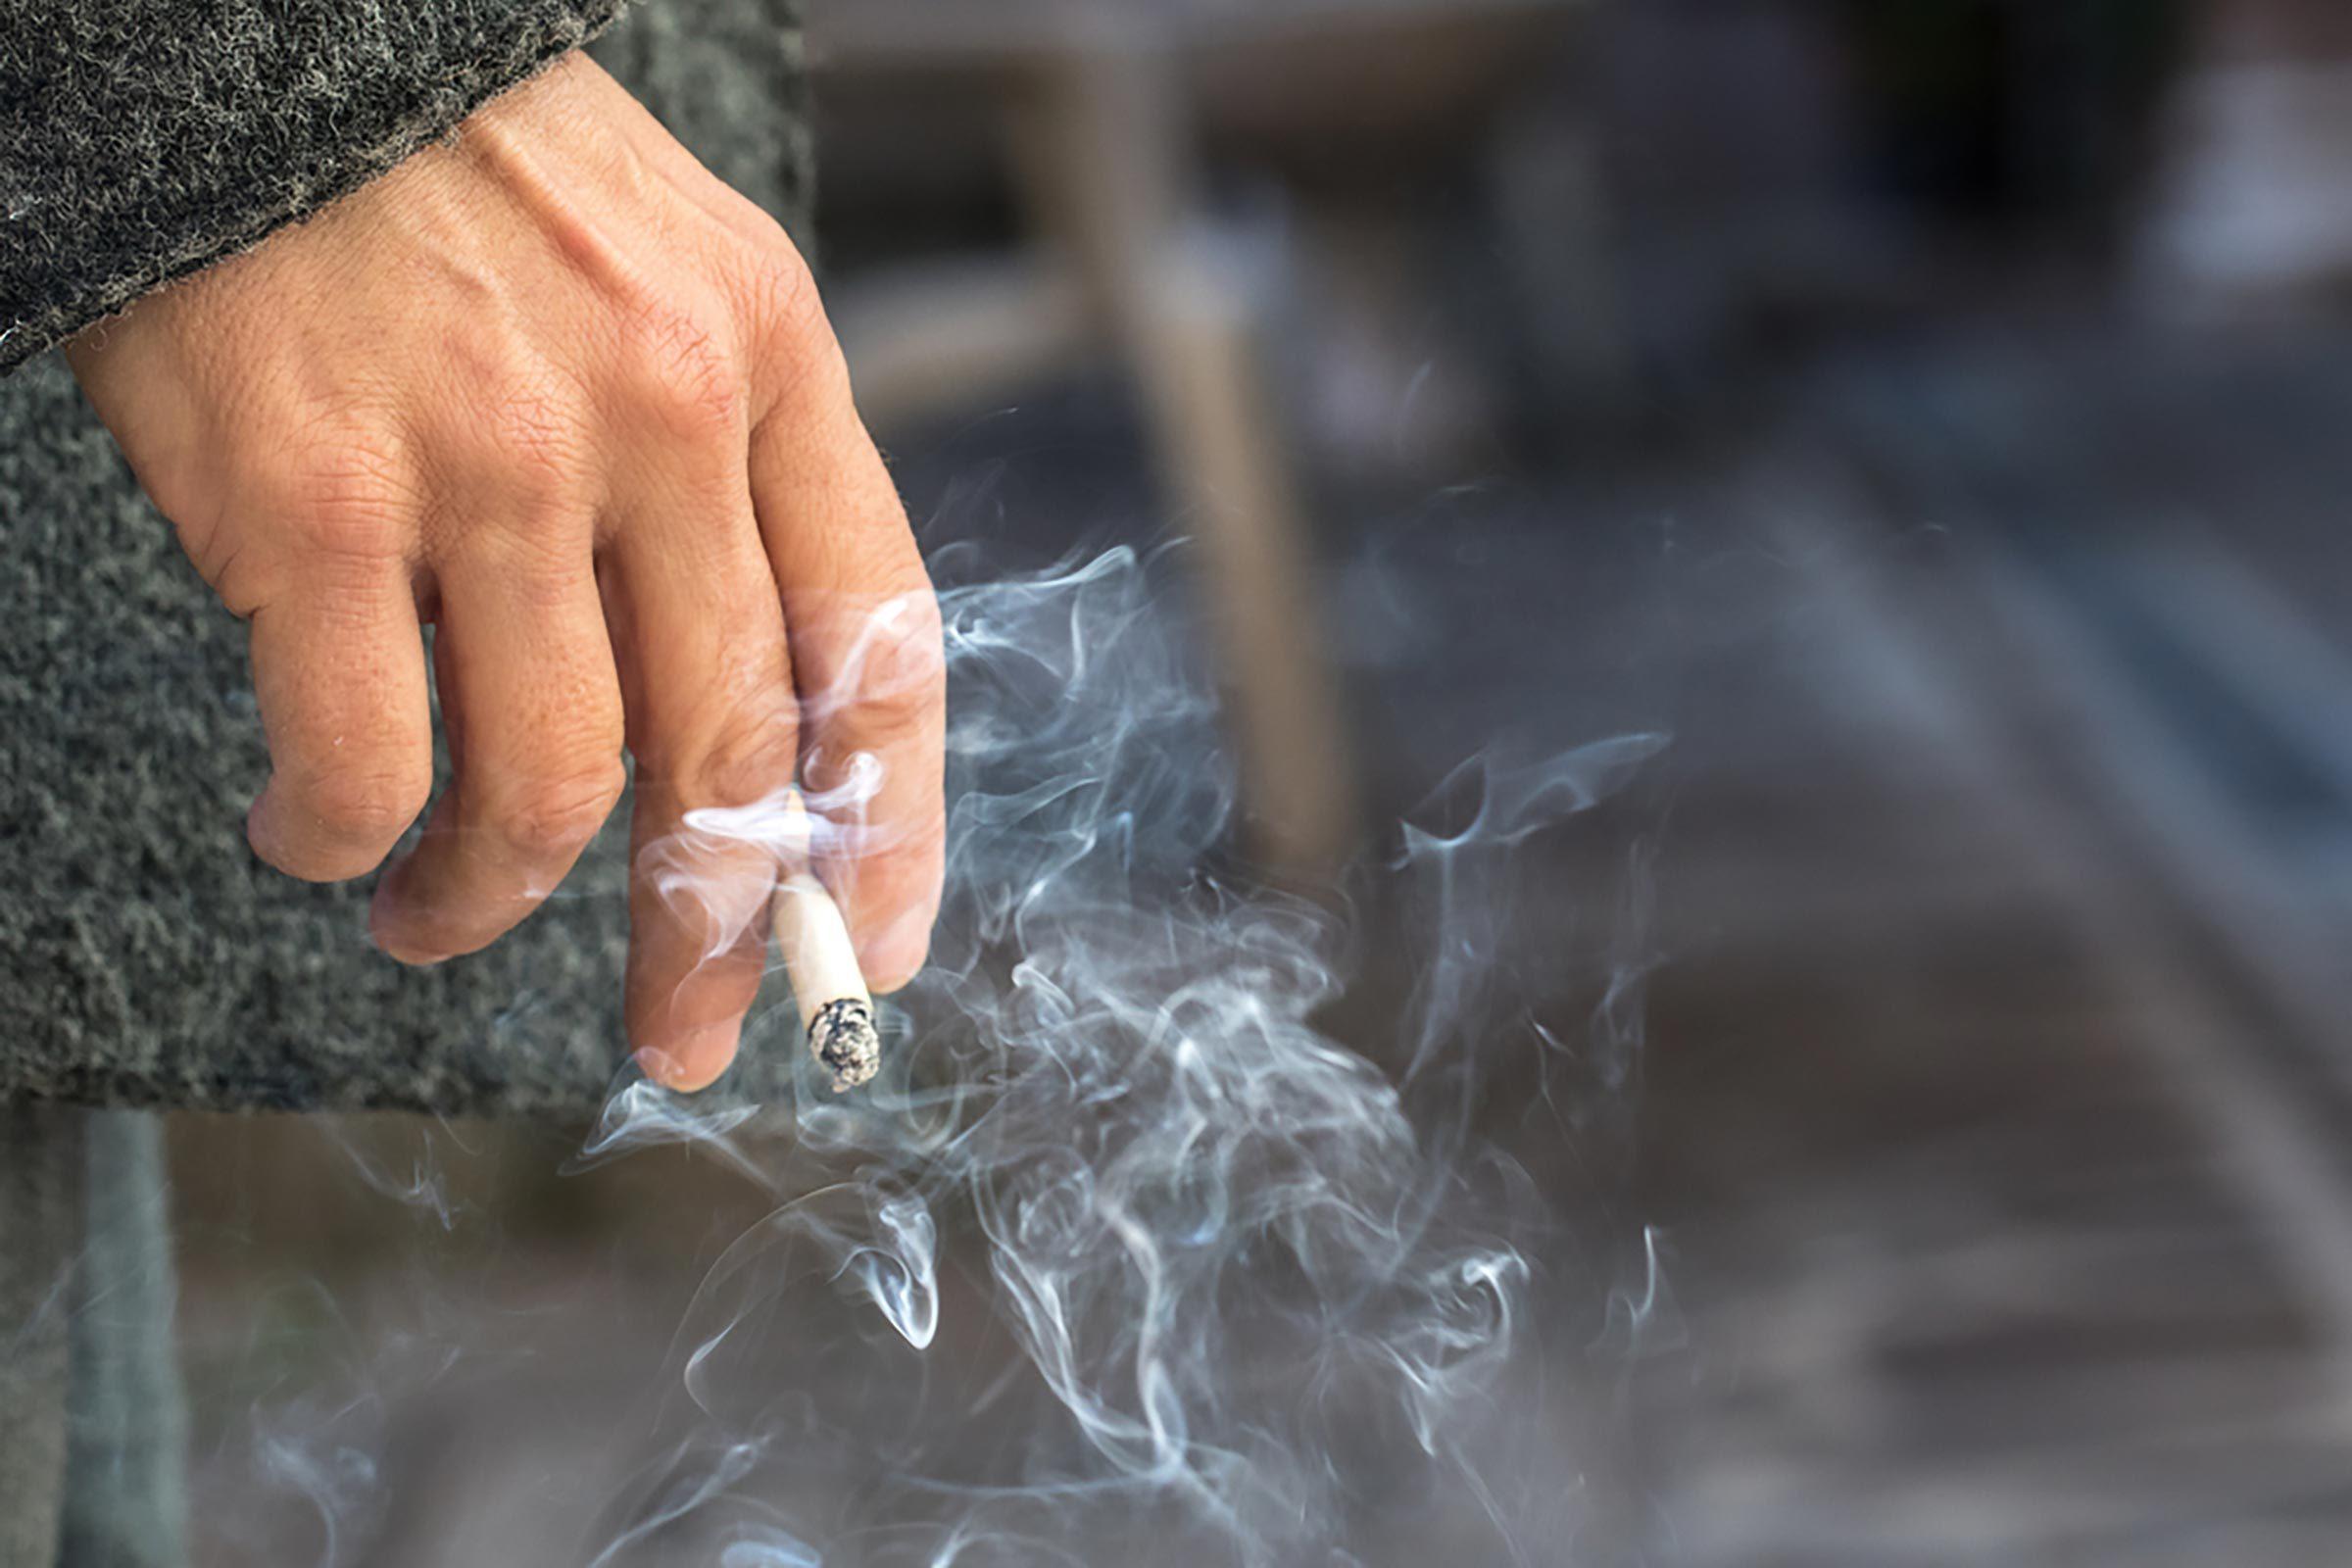 personholdingcigarette